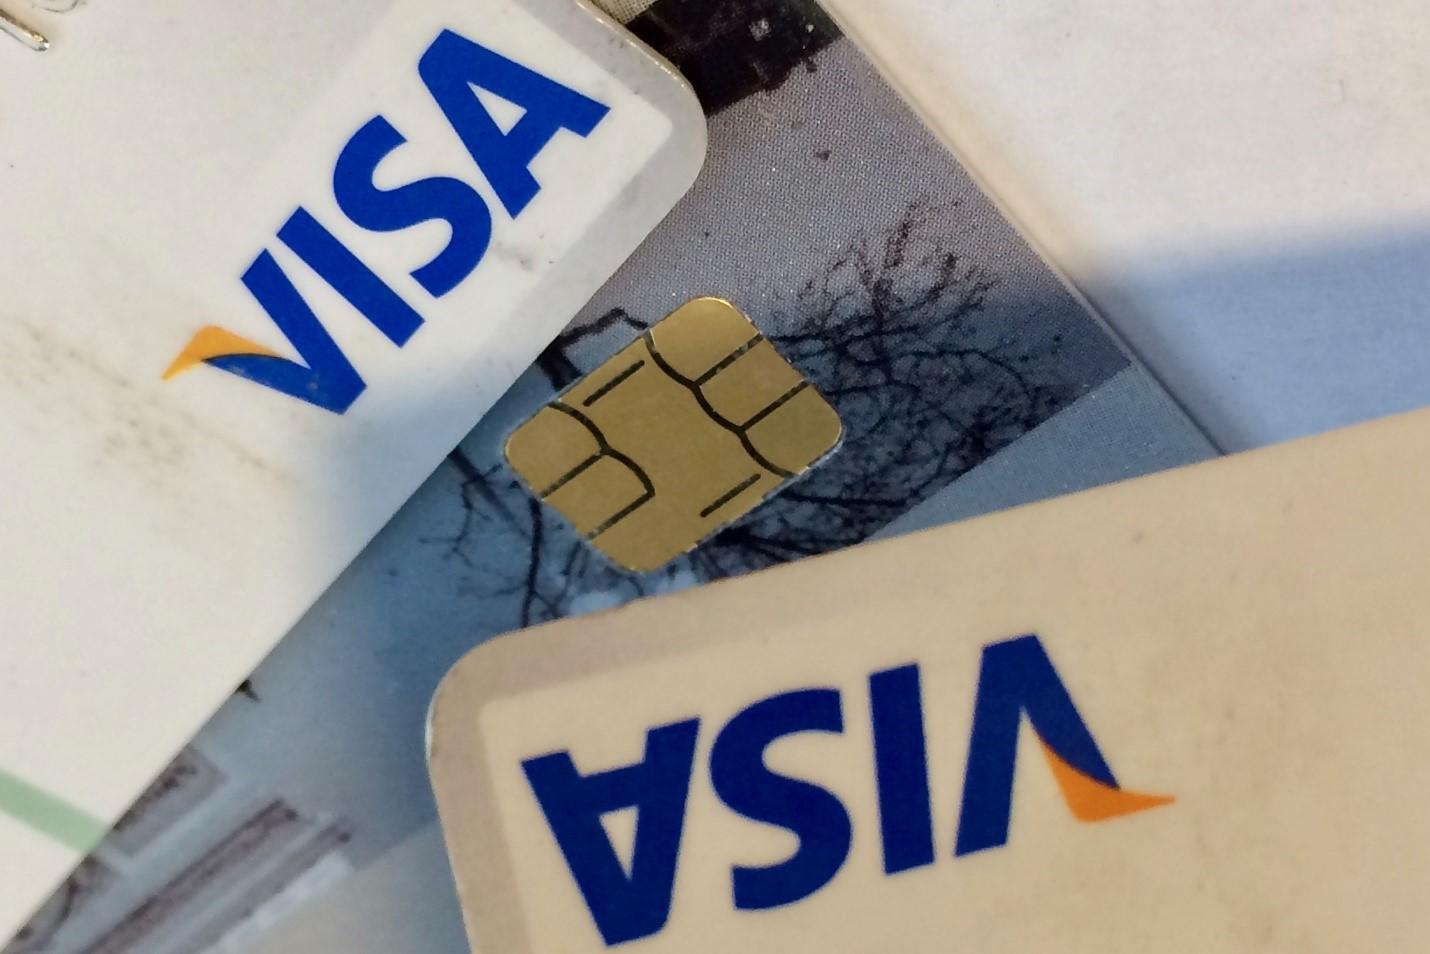 Ekspozimi i kartave të kreditit